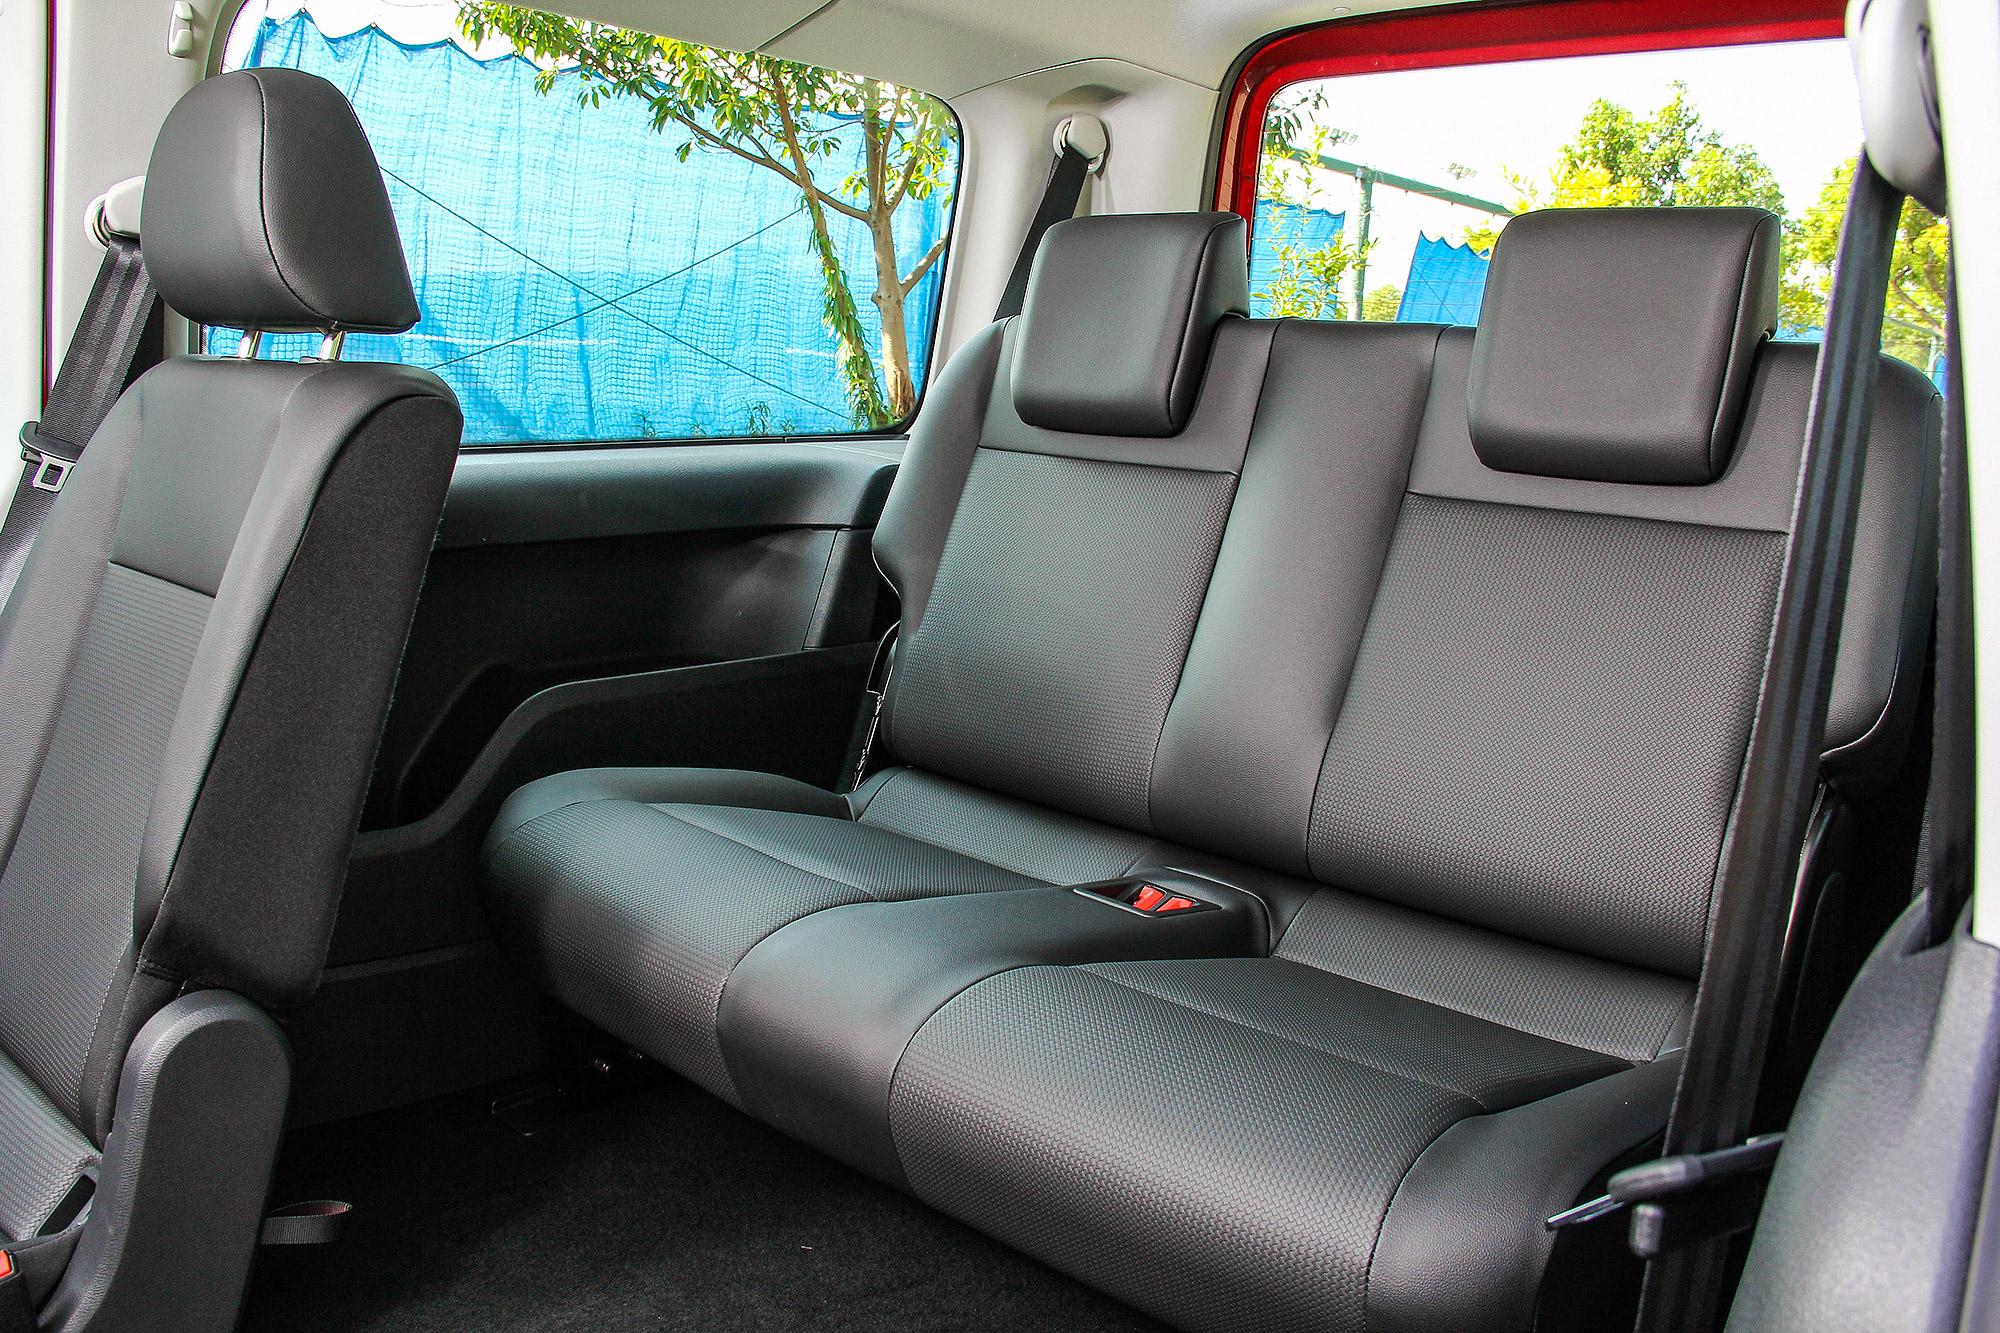 第三排座椅的泡棉相當厚實,也有不同於一般七人座 MPV 的乘坐舒適性。